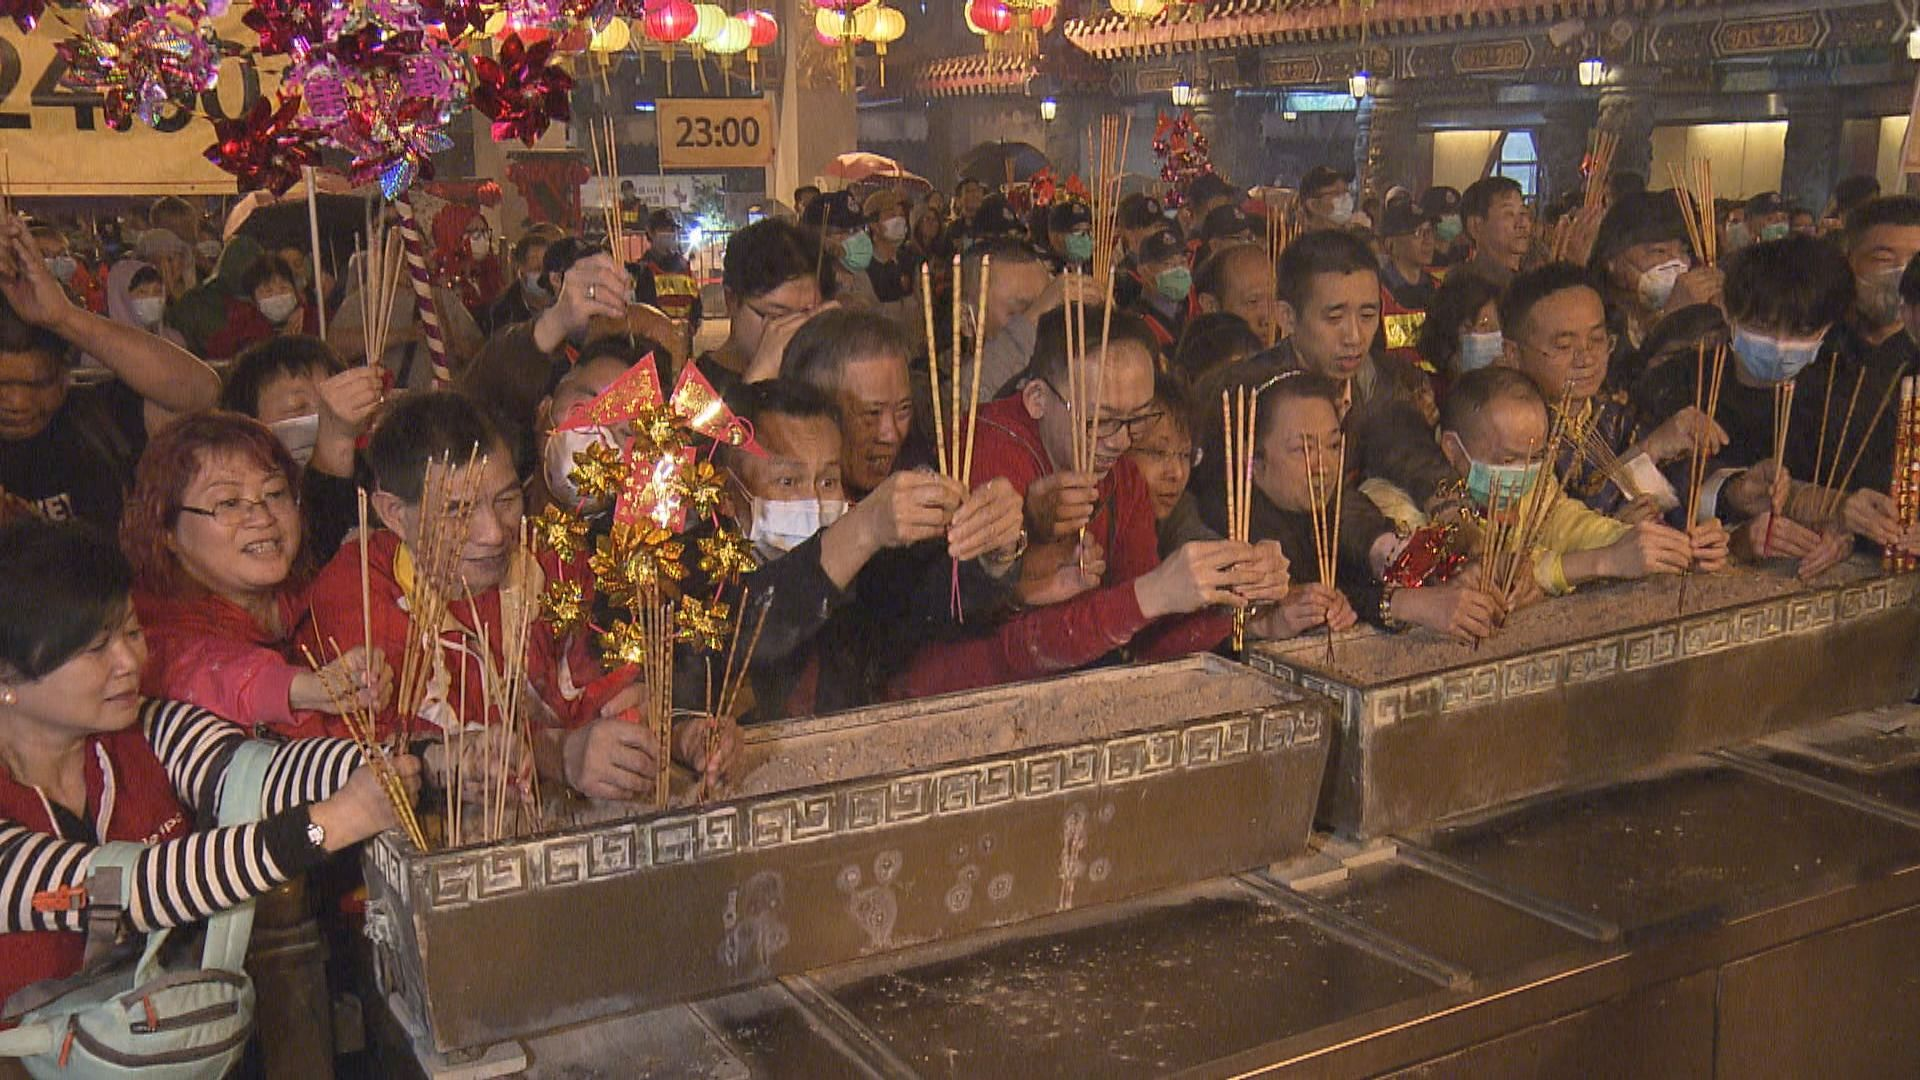 【附農曆年開放時間】黃大仙祠年三十頭炷香99年來首次取消 當日下午起封園